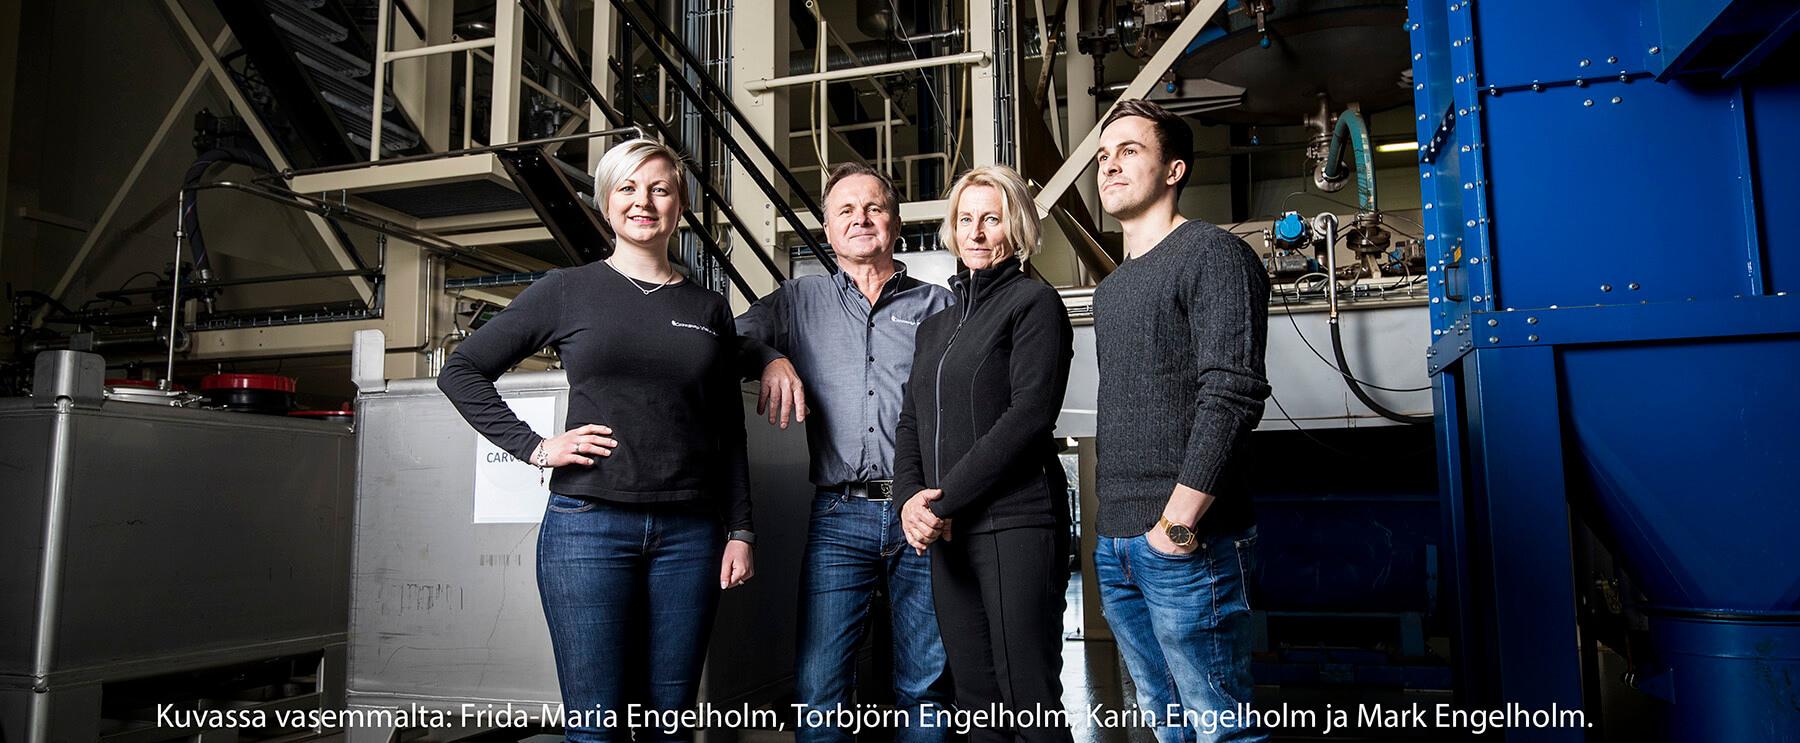 Ålandsbanken - Familj Kummin Fi